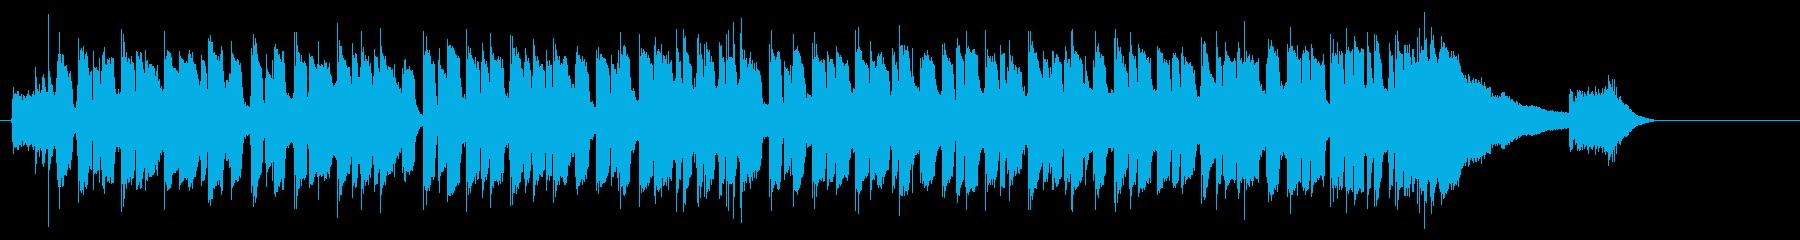 ちょっとコミカルなブルースの再生済みの波形